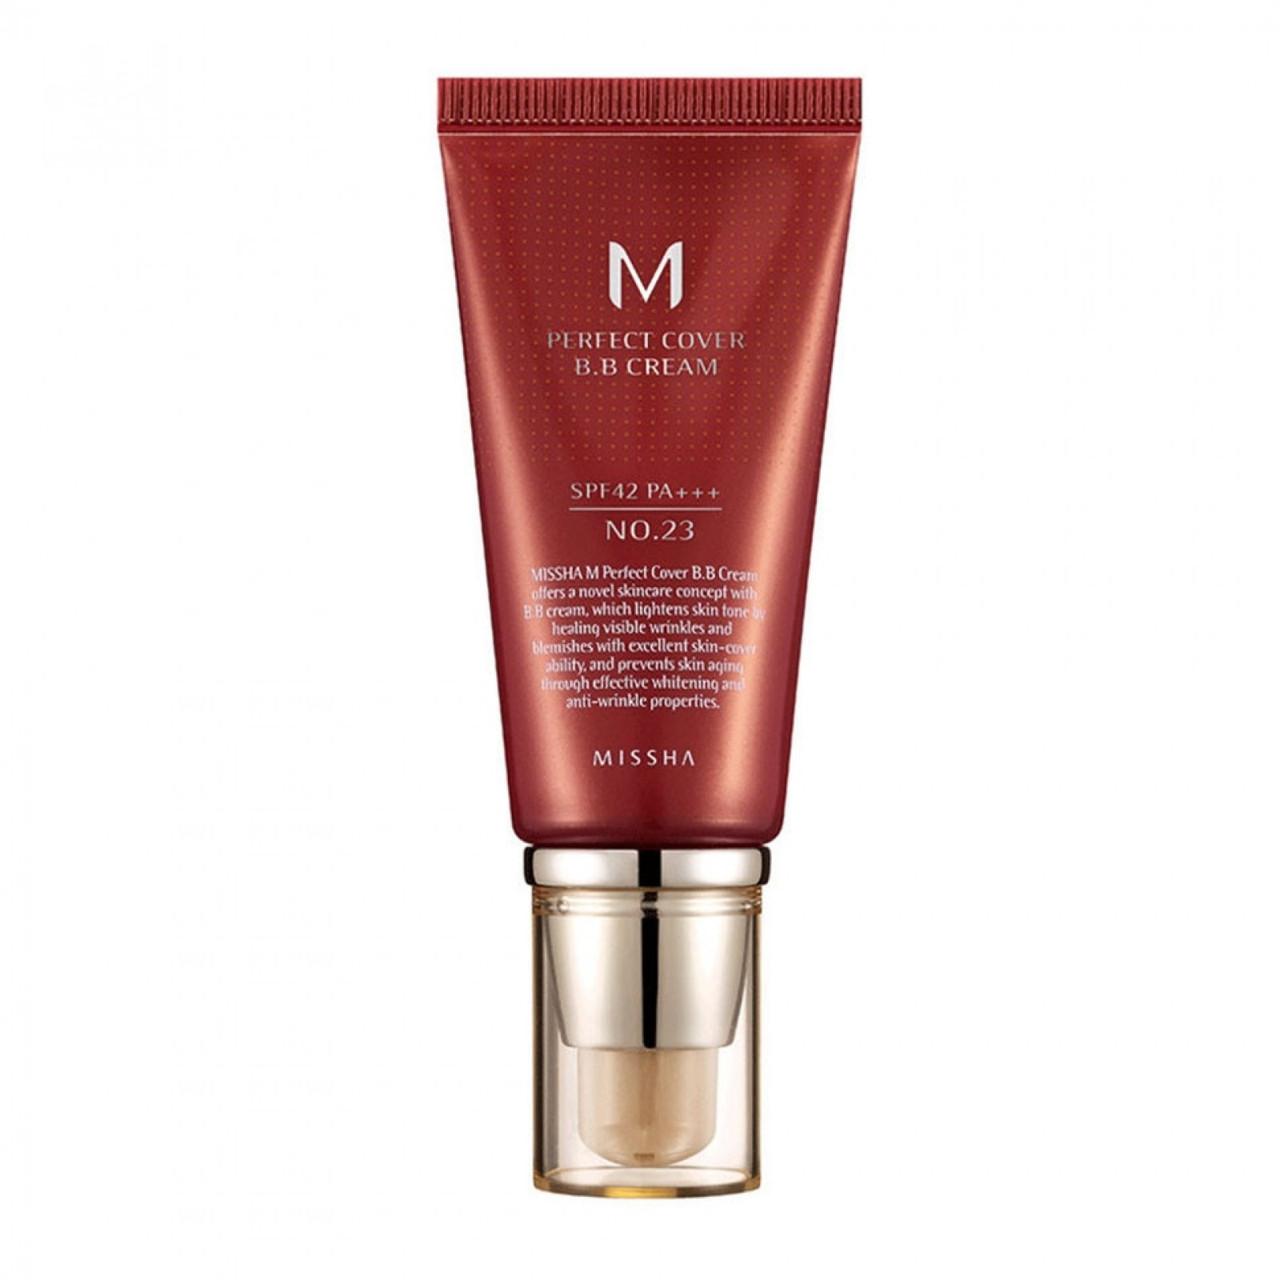 ВВ Крем увлажняющий и матирующий Missha M Perfect Cover BB Cream №21 Светлый бежевый (50 мл)